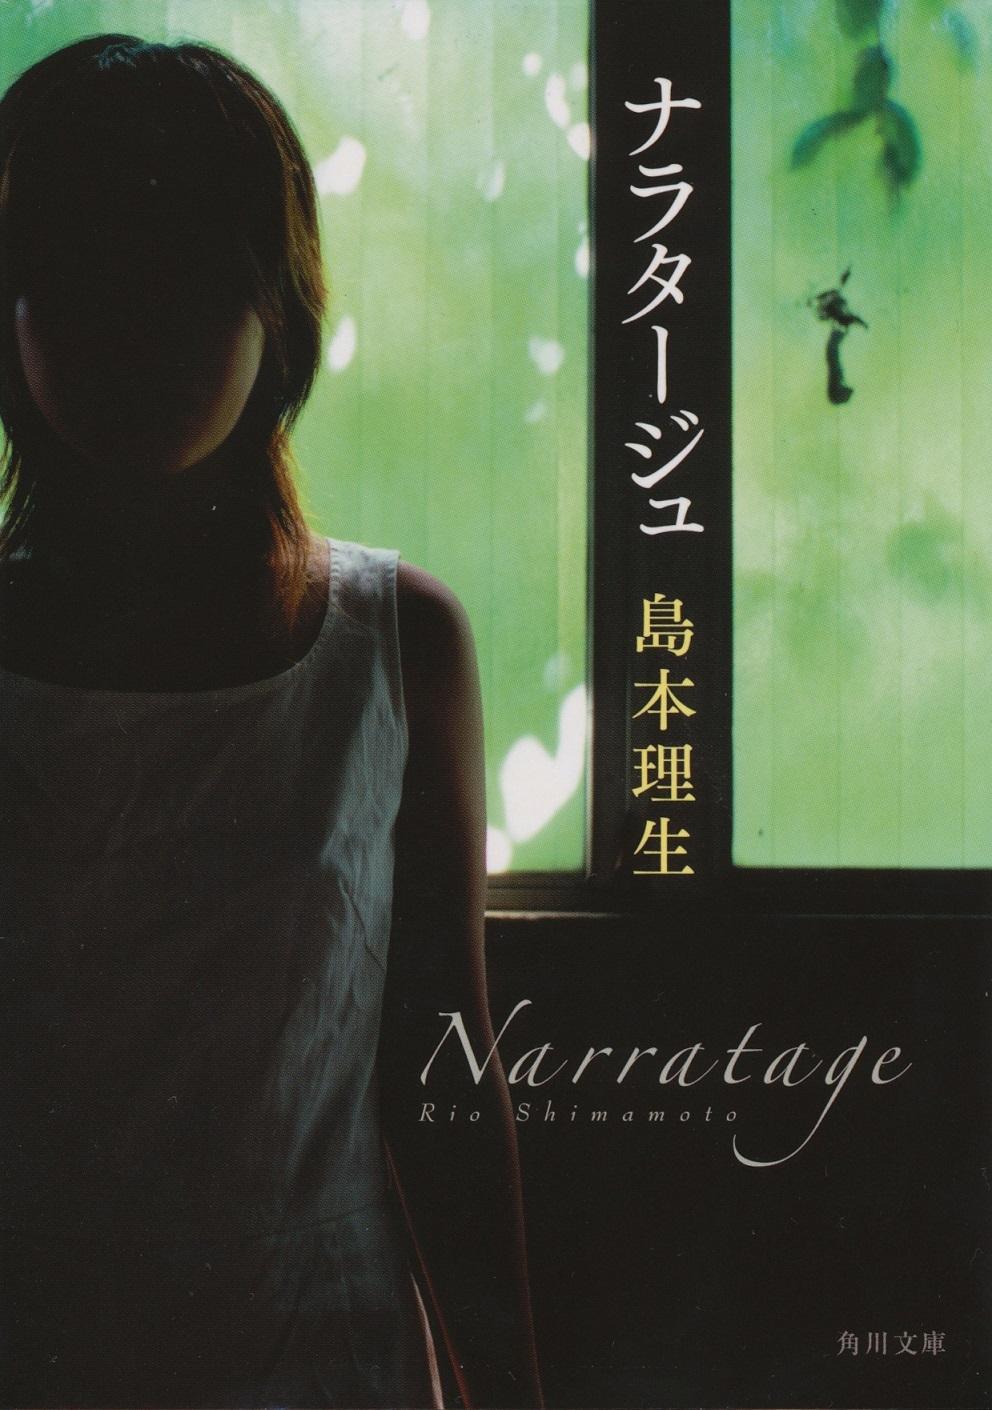 有村架純 小説『ナラタージュ』(角川書店刊)は、第25回野間文芸新人賞を最年少で受賞した島本理生